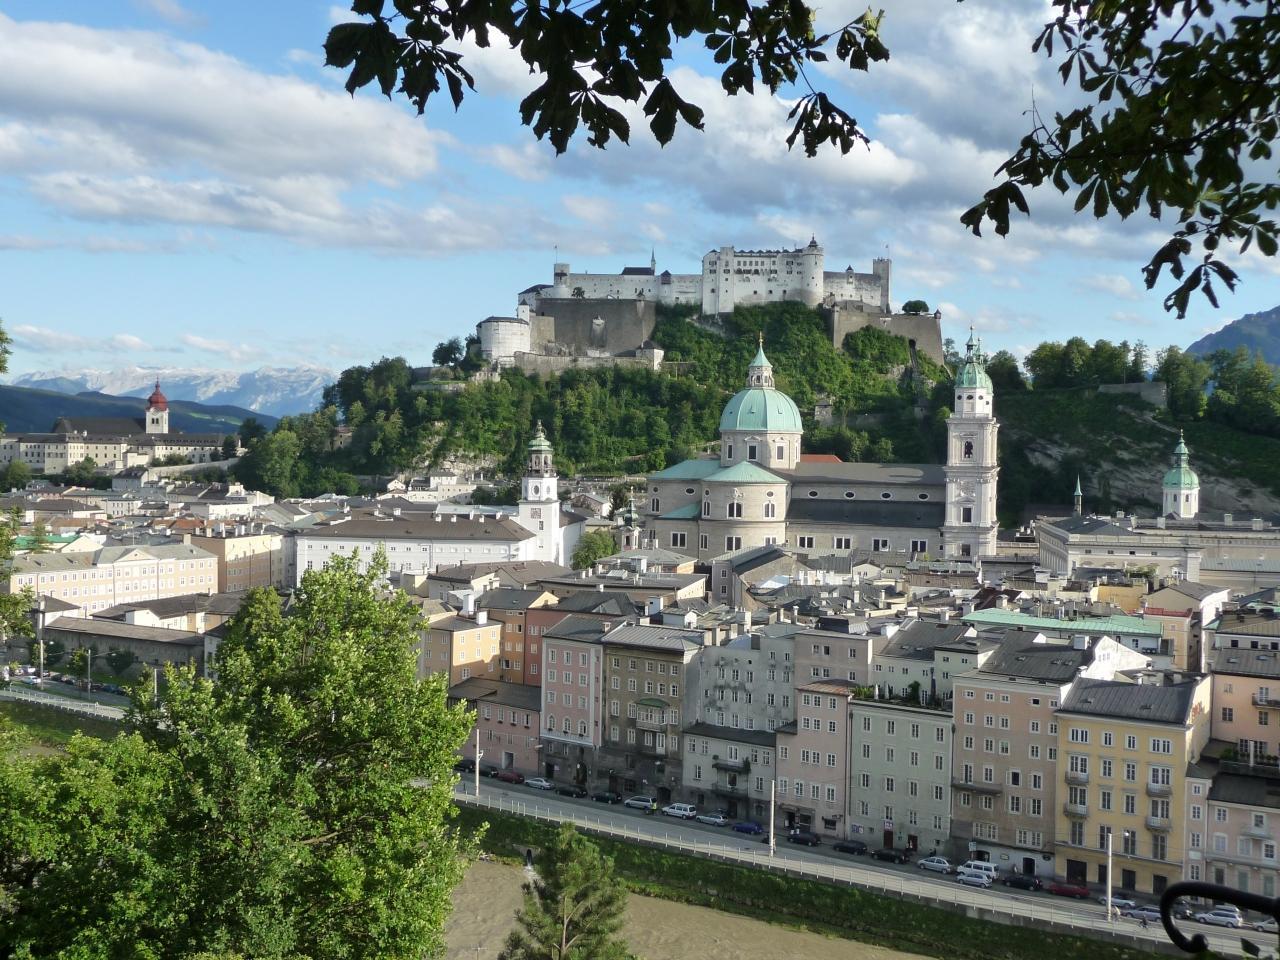 ザルツブルク観光!おすすめスポット11選!音楽と歴史の街を満喫しよう!